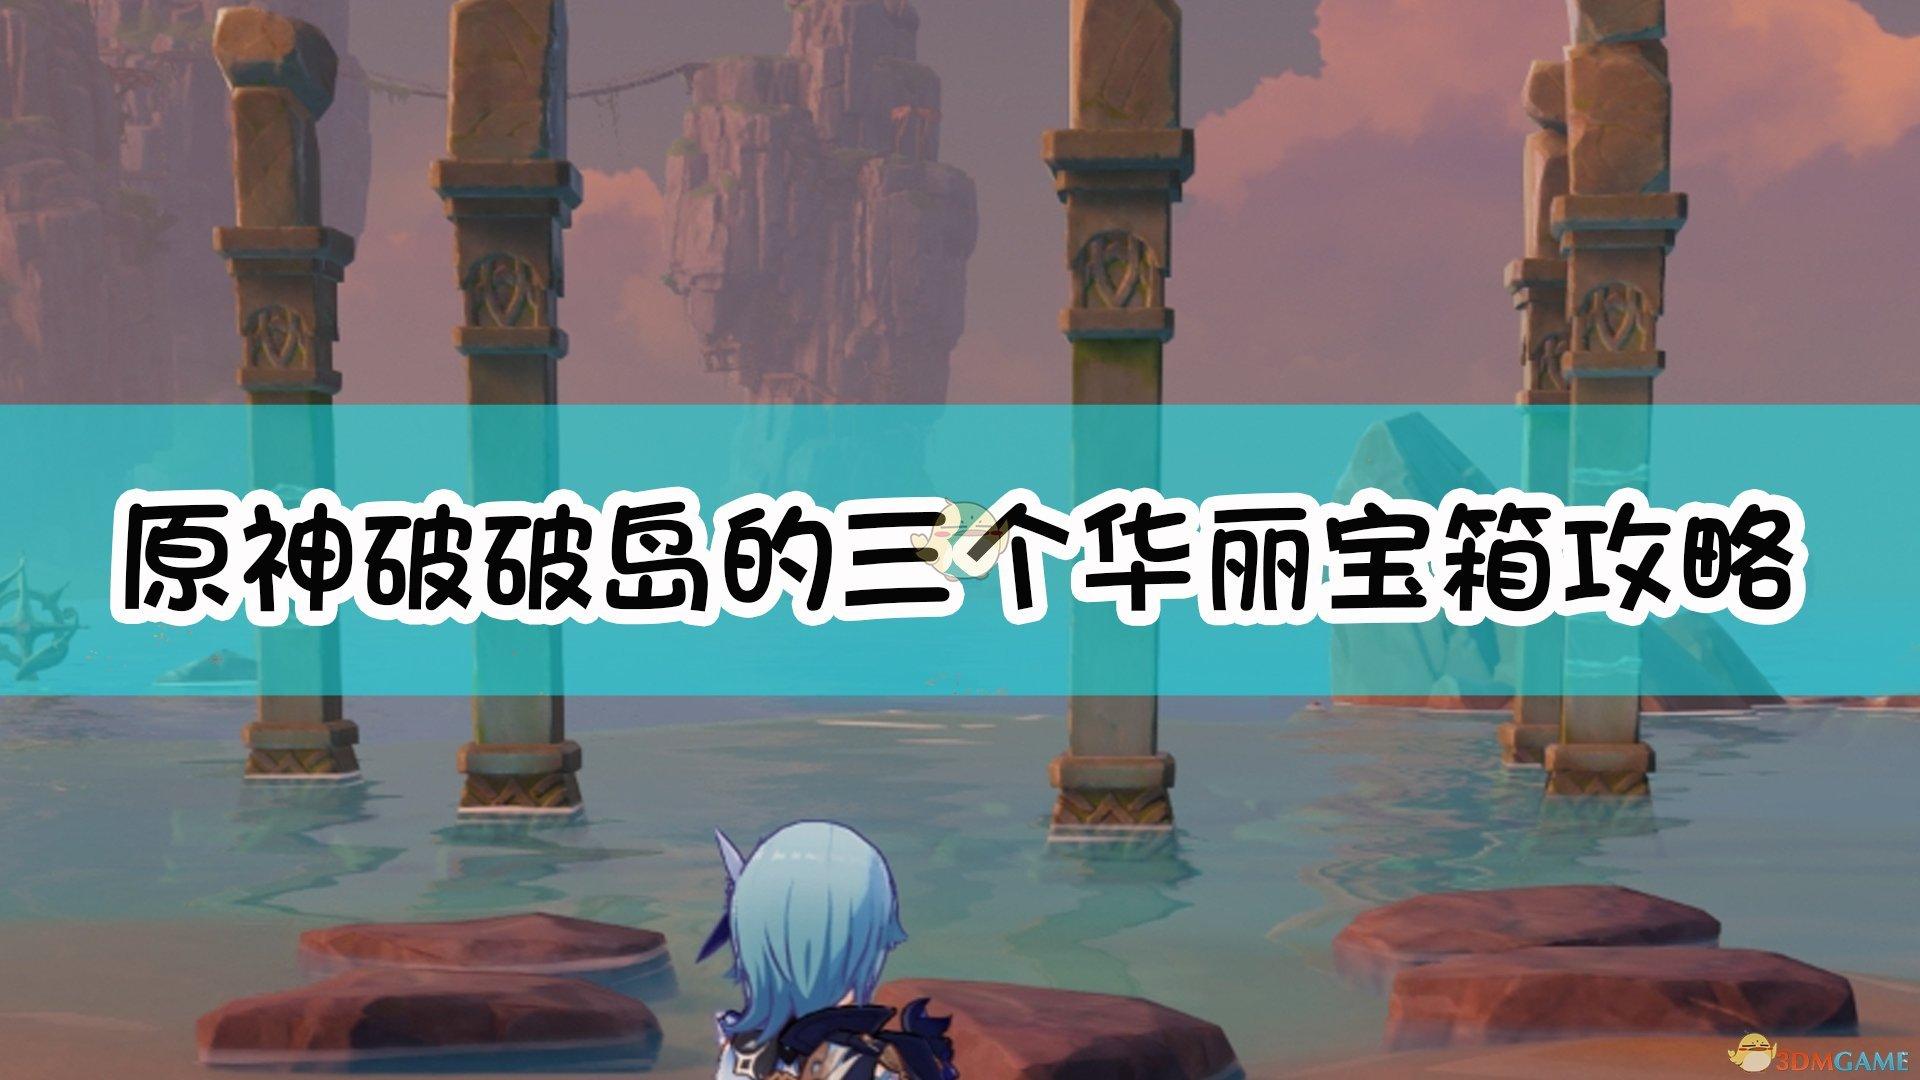 《原神》破破島的三個華麗寶箱攻略